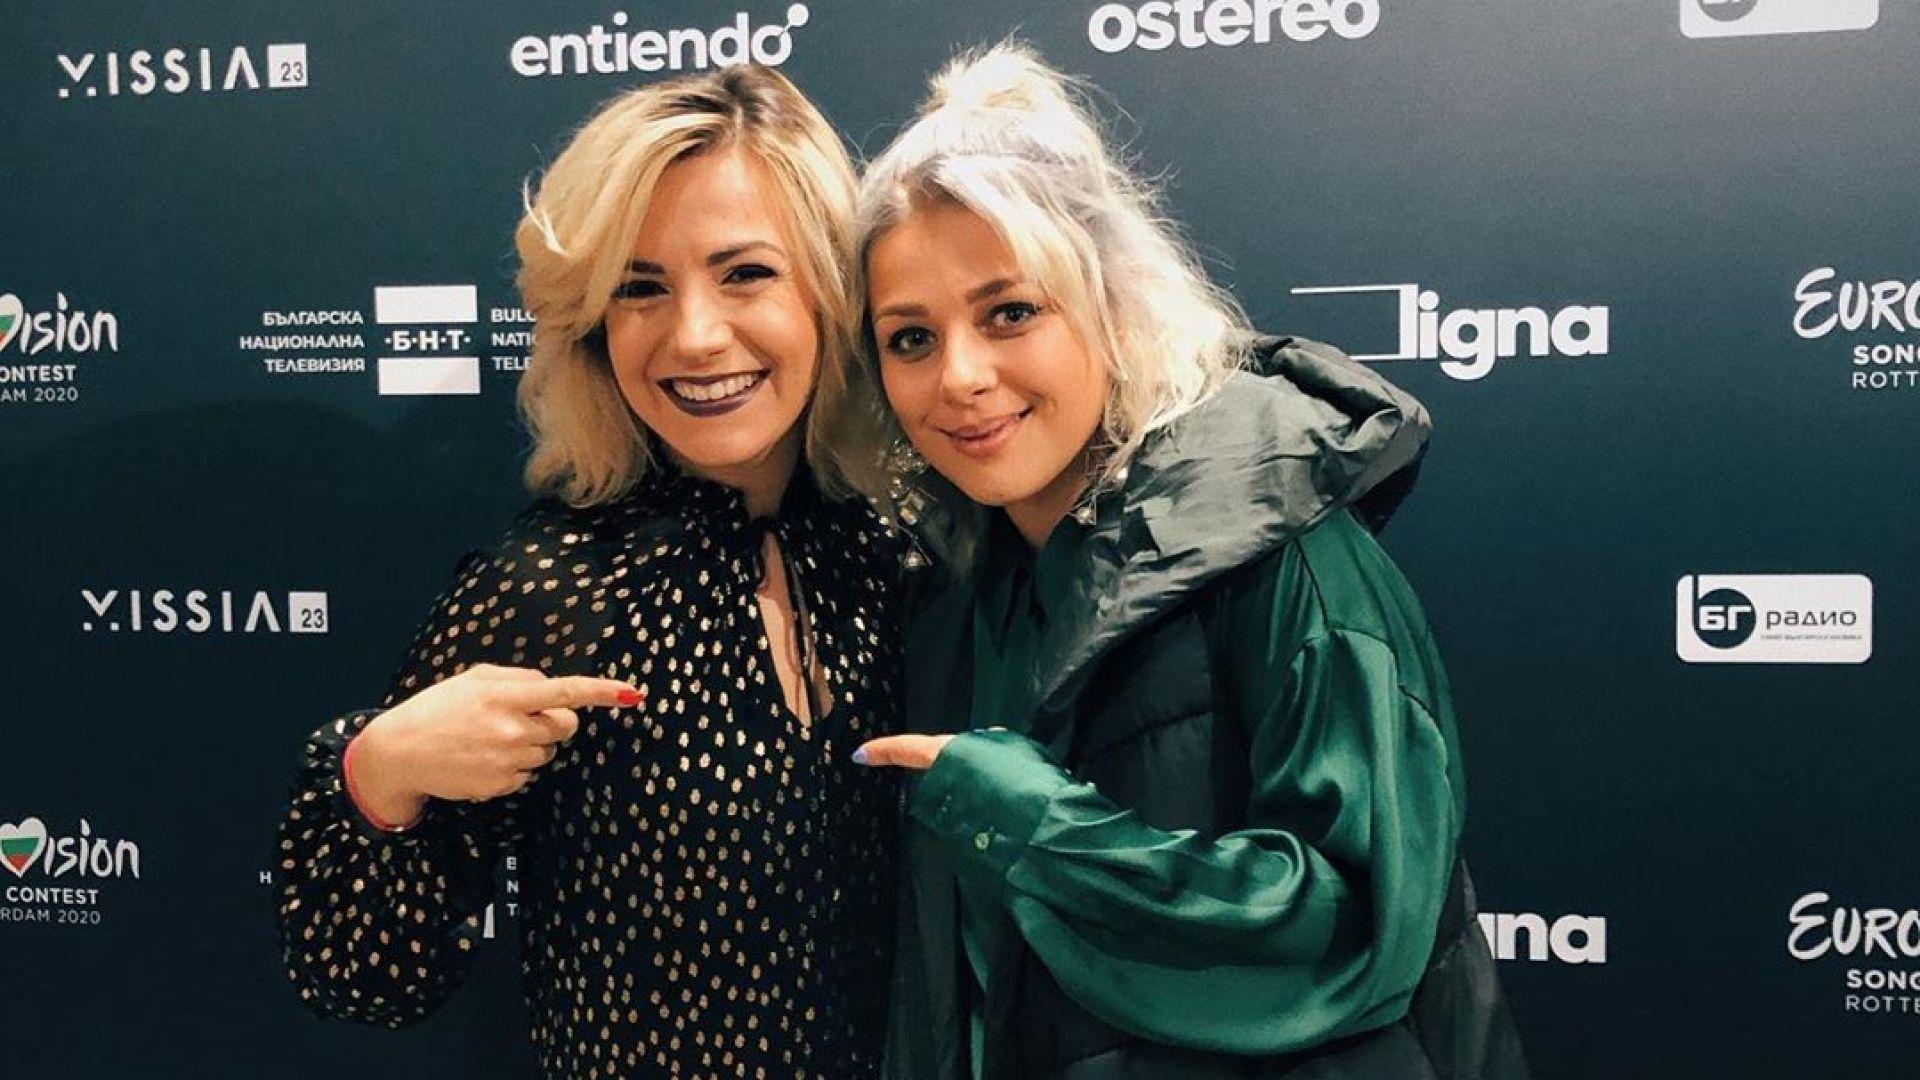 Виктория Георгиева и Поли Генова превземат Мадрид преди Евровизия